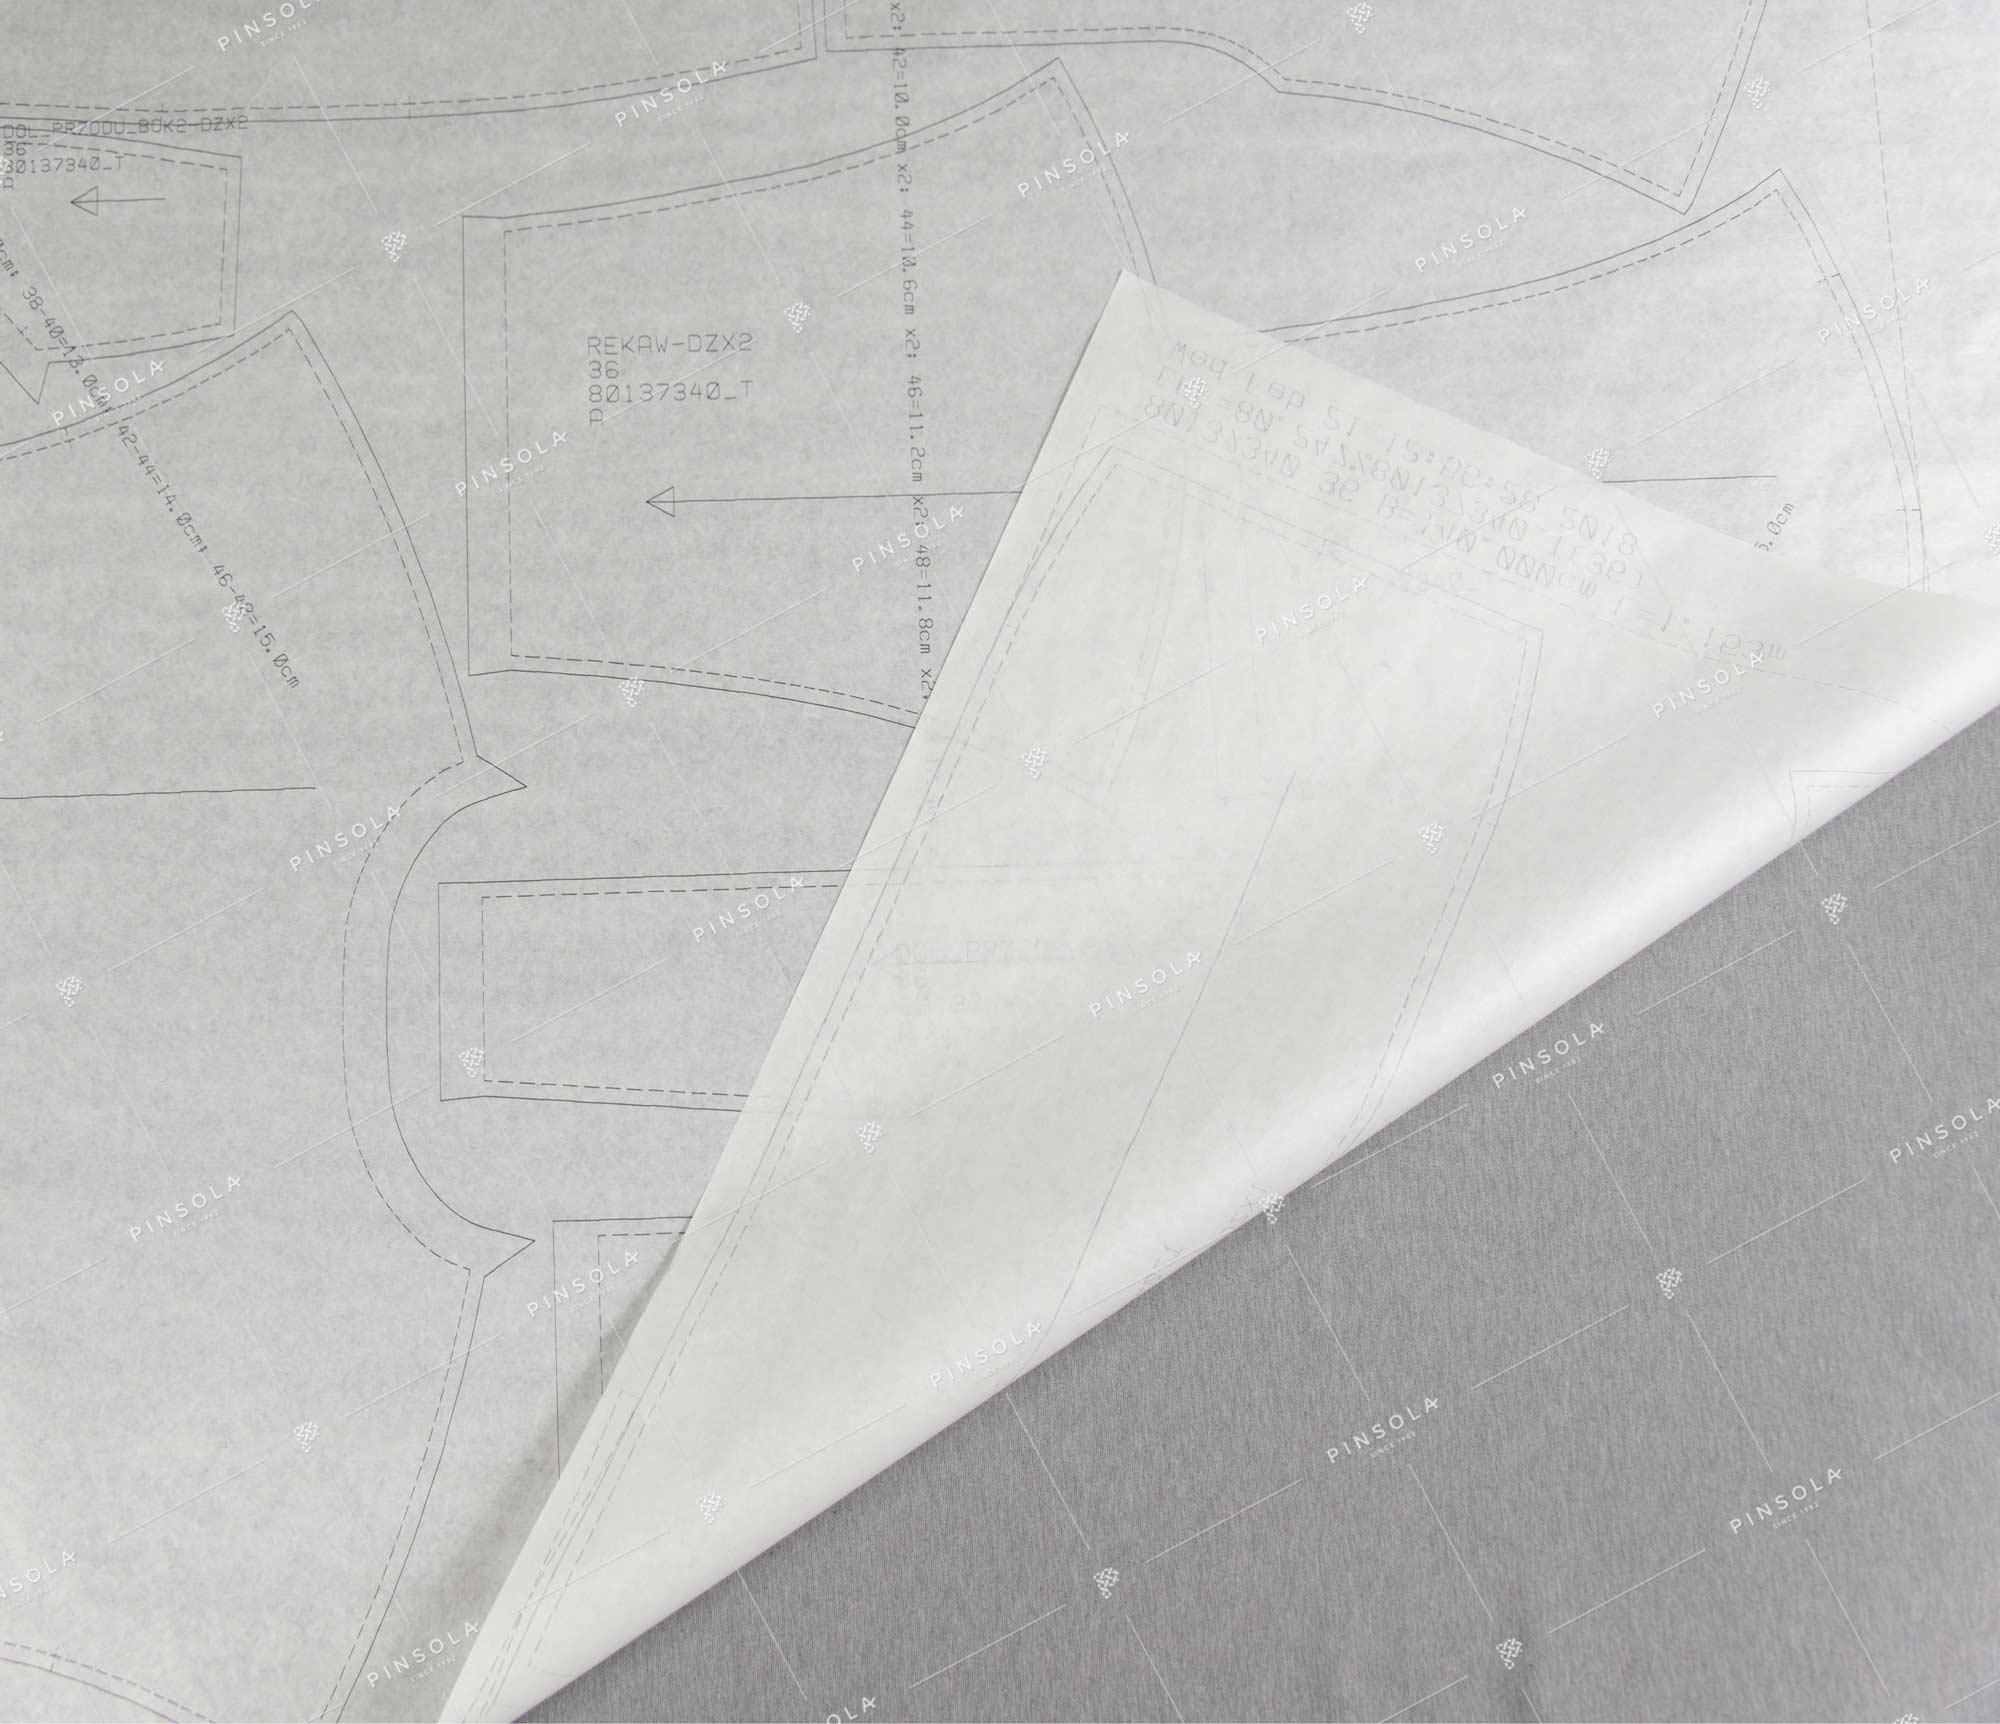 4934f059 Spódnica Maja 34-52 wydruk wielkoformatowy - Pinsola